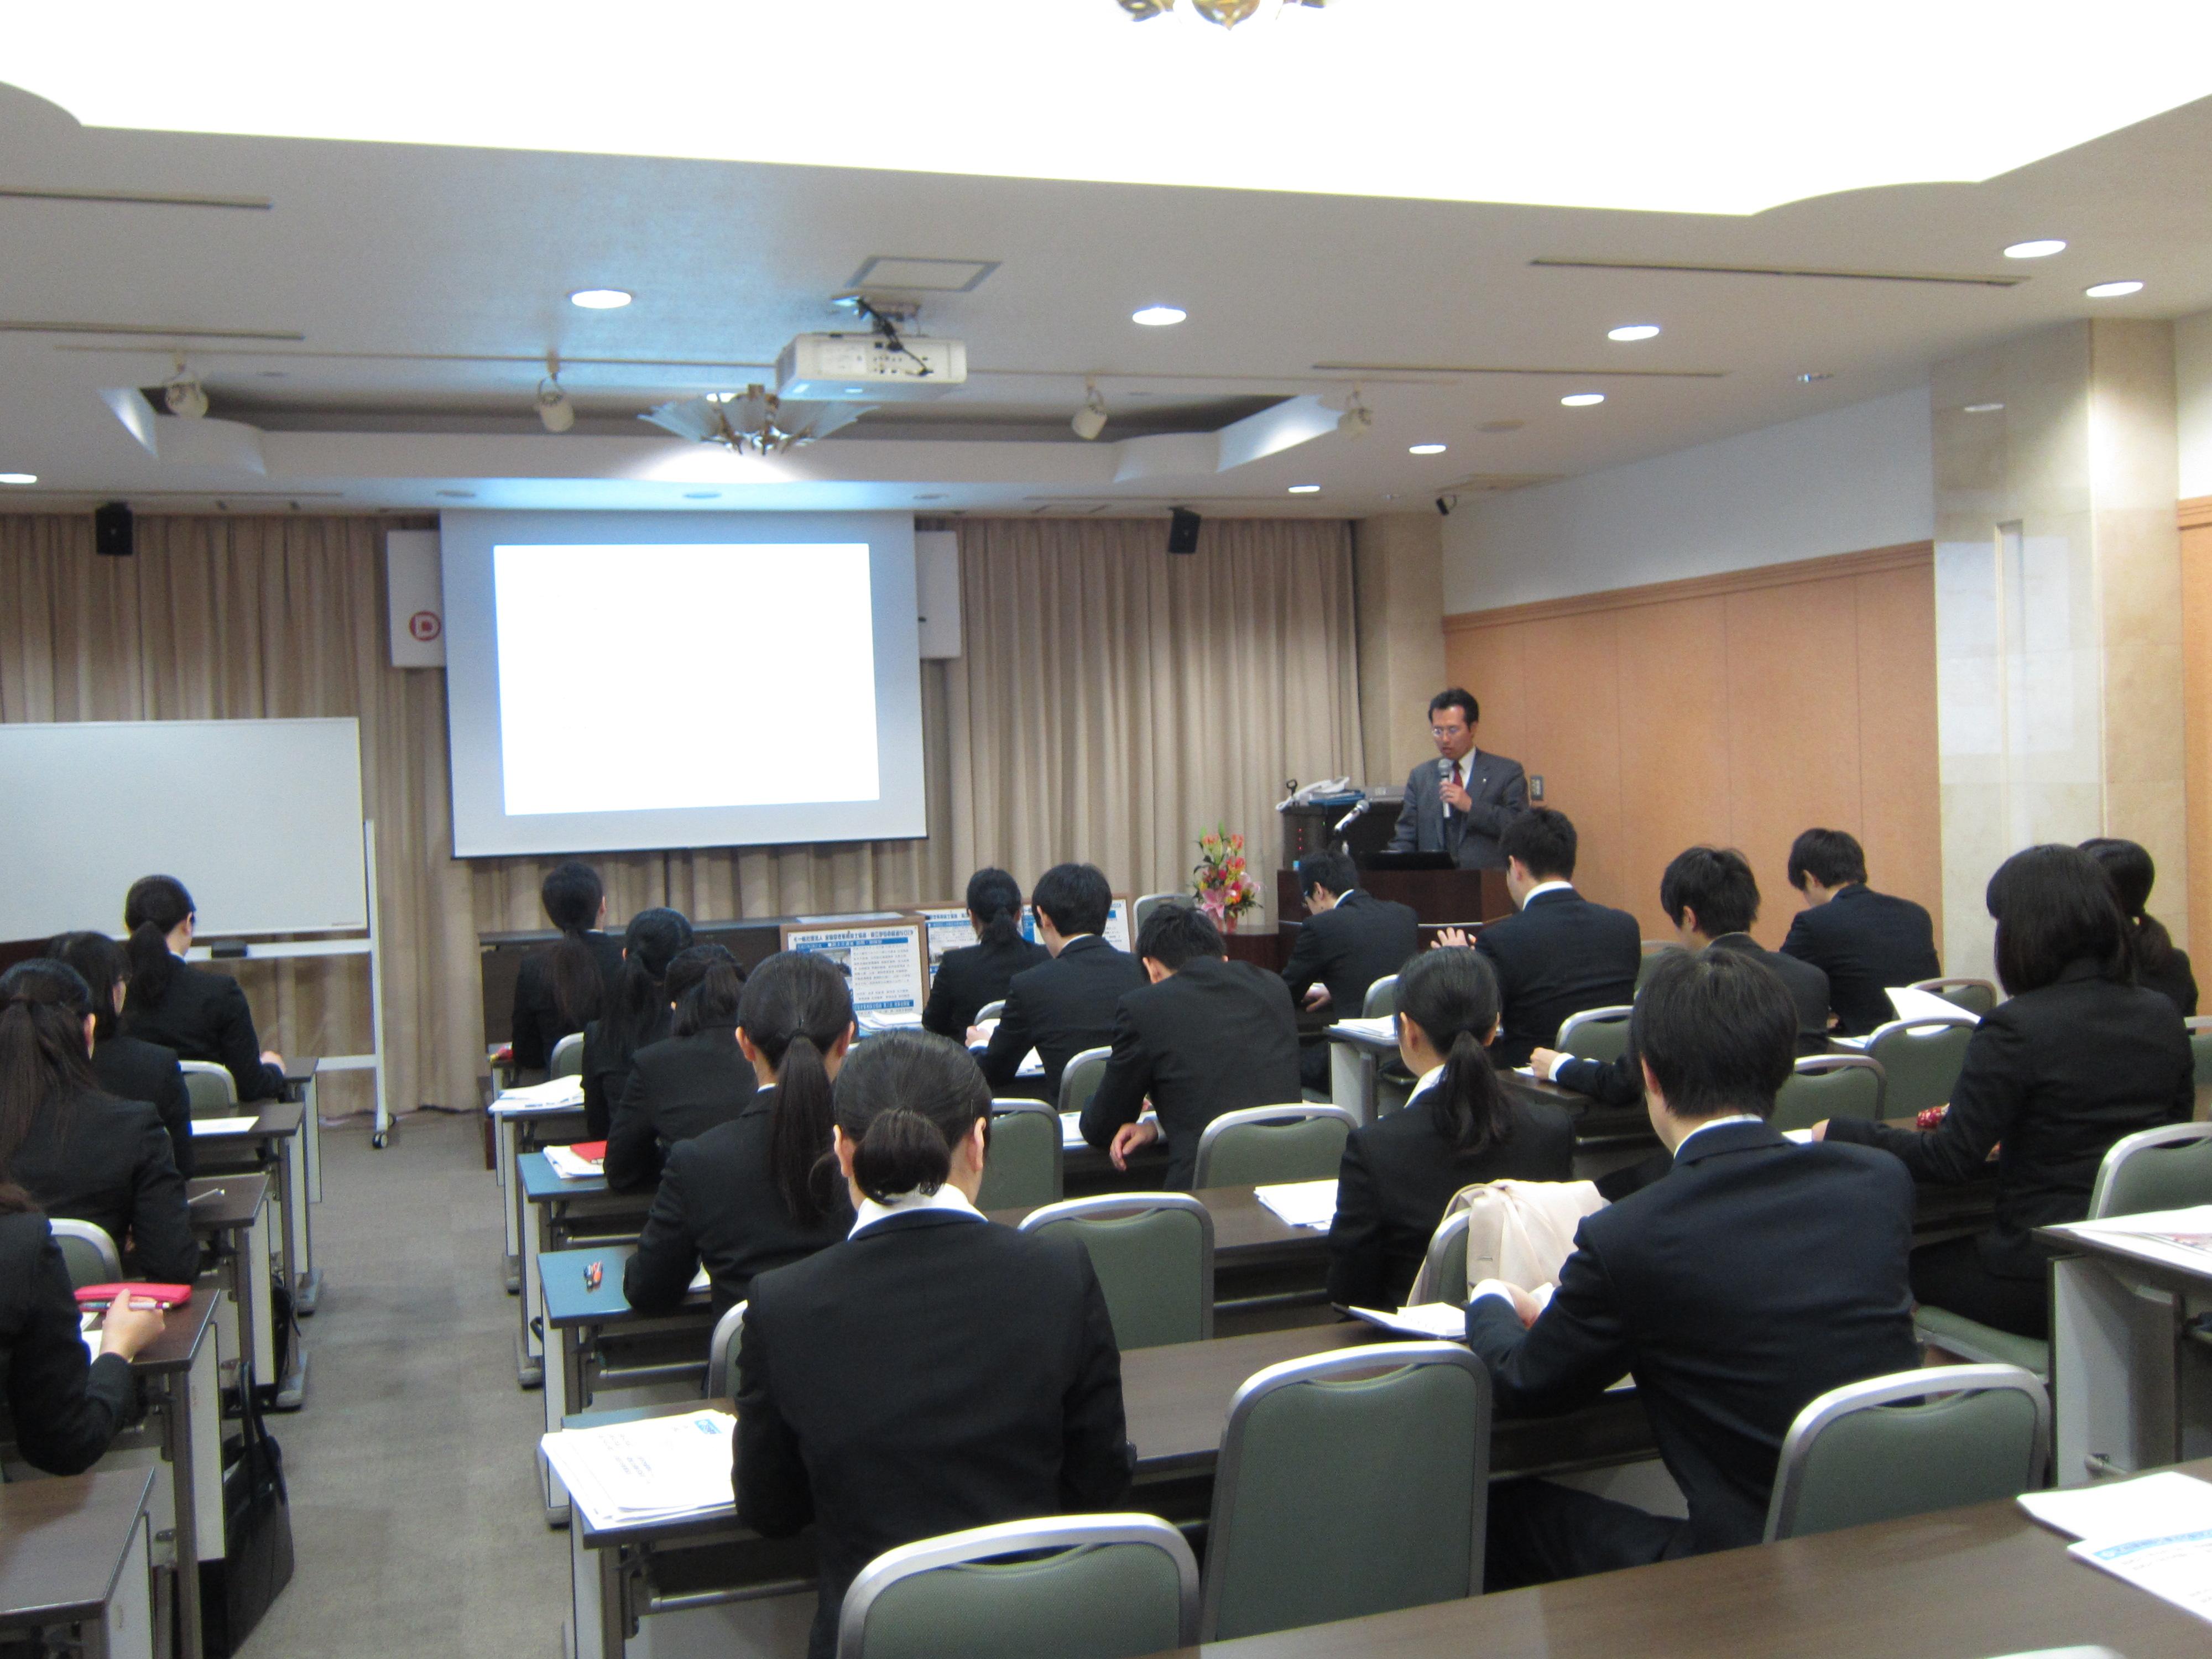 ◆9月の会社研究セミナーのご案内◆